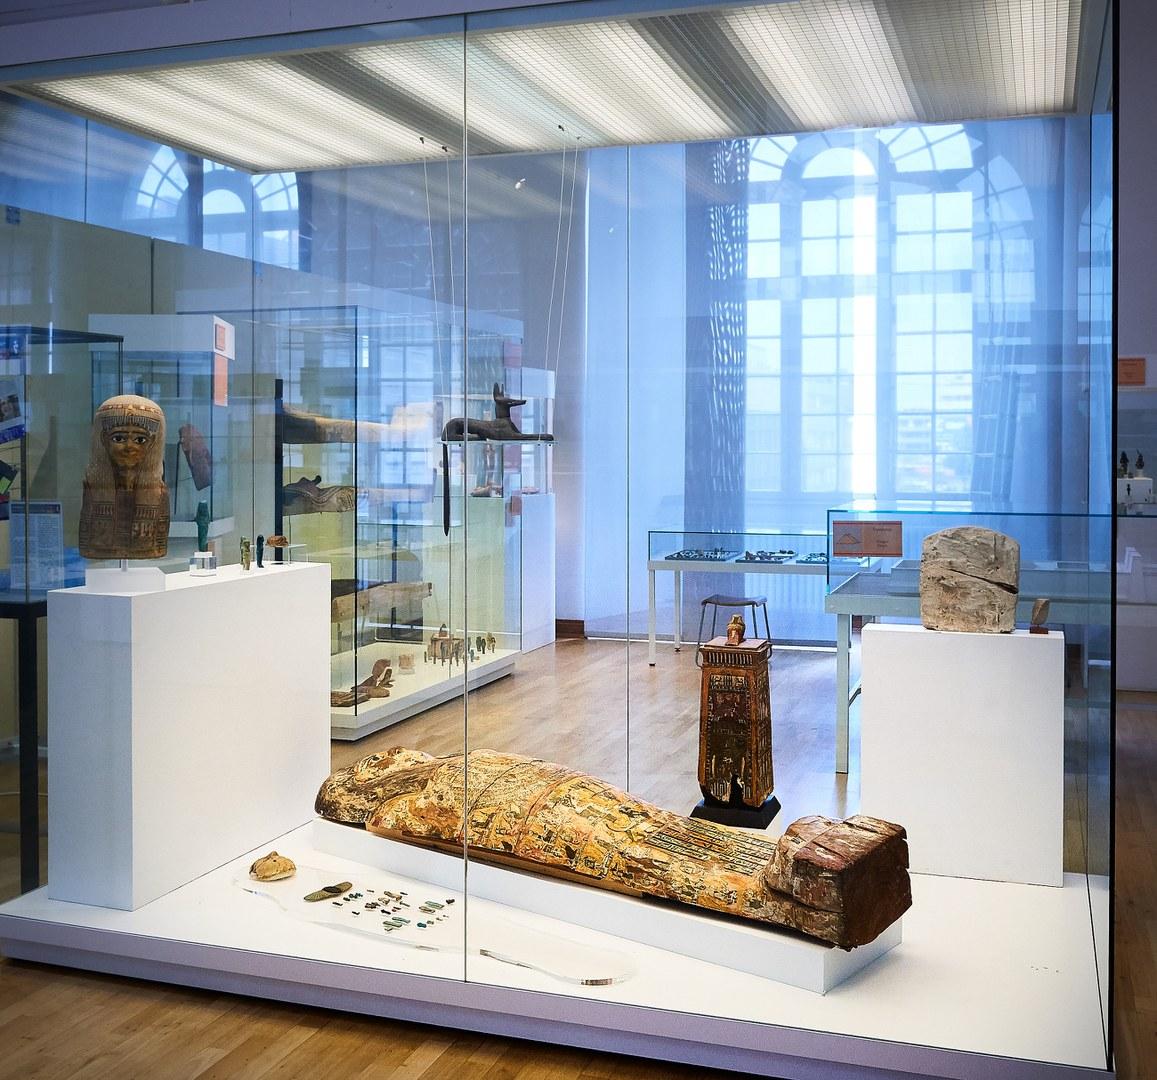 Der Sargdeckel aus ptolomäischer Zeit im Ägyptischen Museum